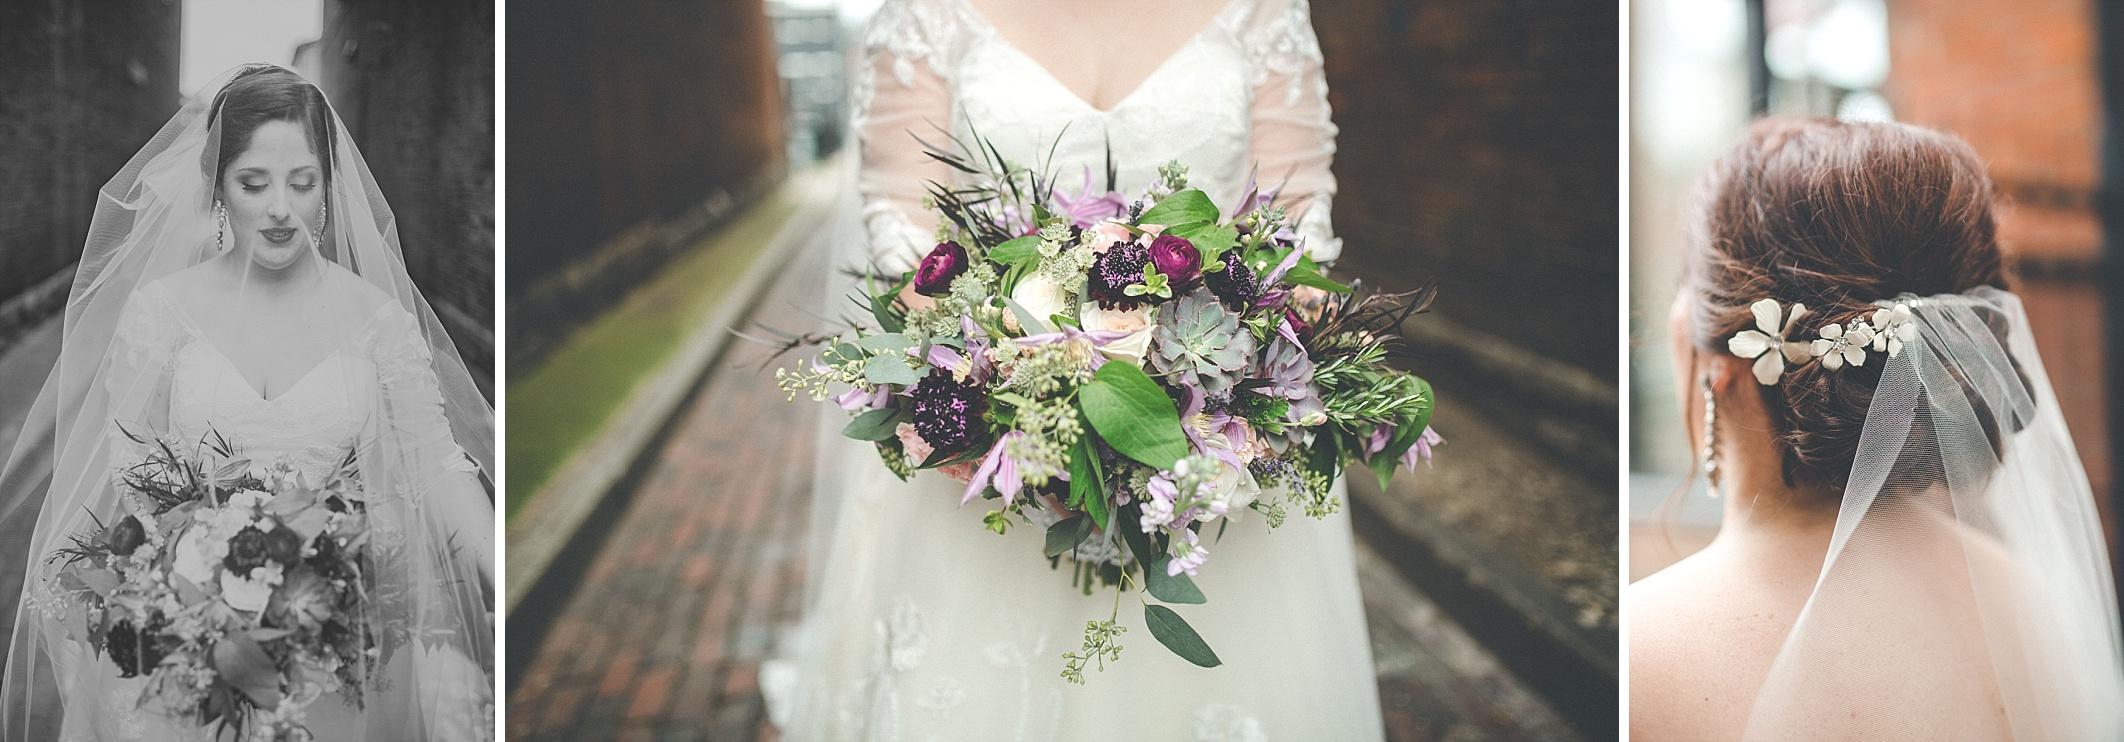 hilary-aaron-cincinnati-trancept-wedding-photographer-dayton-ohio_0024.jpg